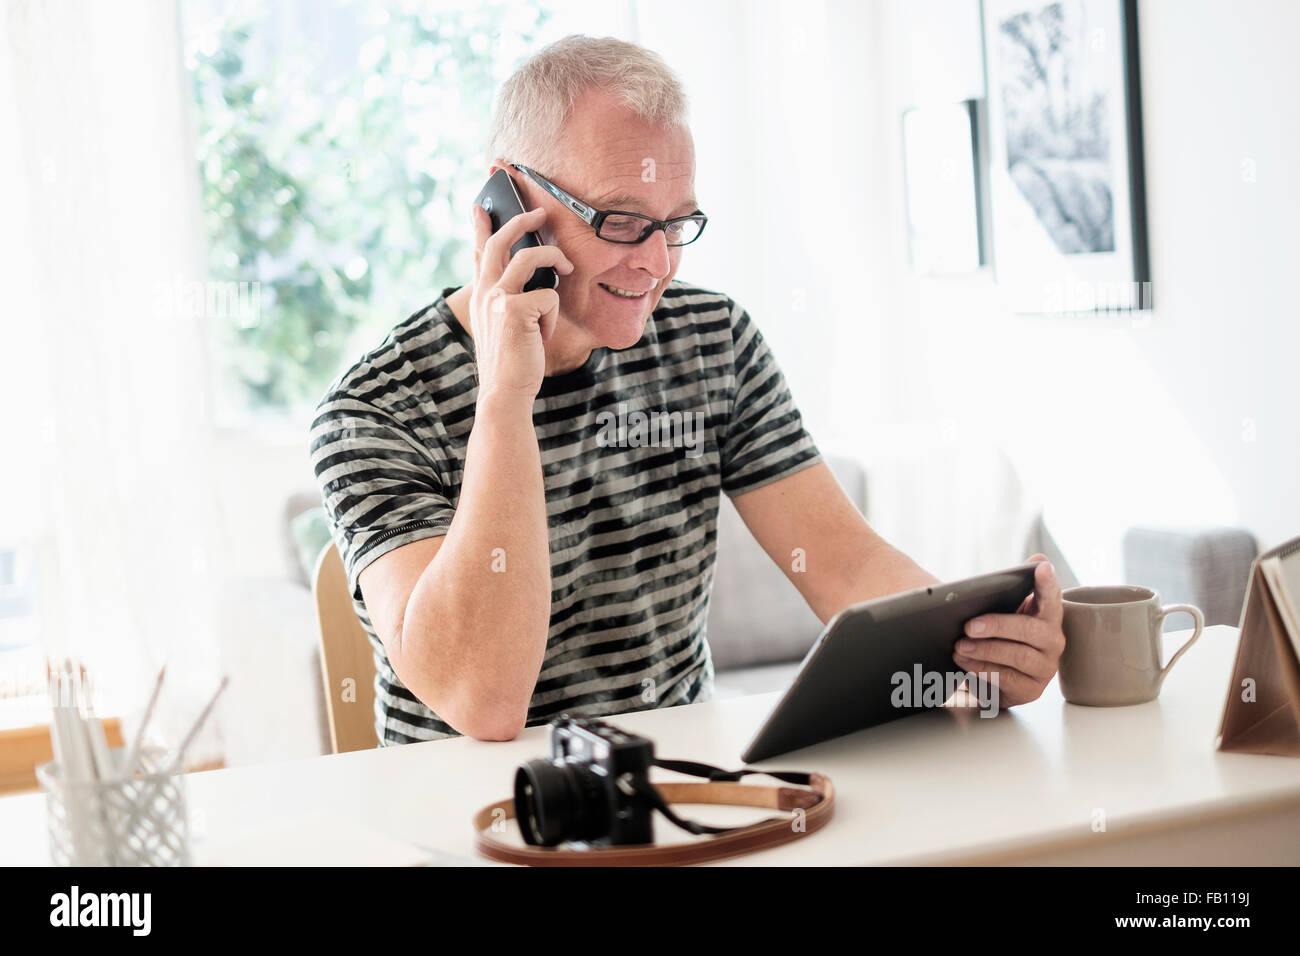 Uomo in ufficio a casa utilizzando lo smartphone e tablet Immagini Stock